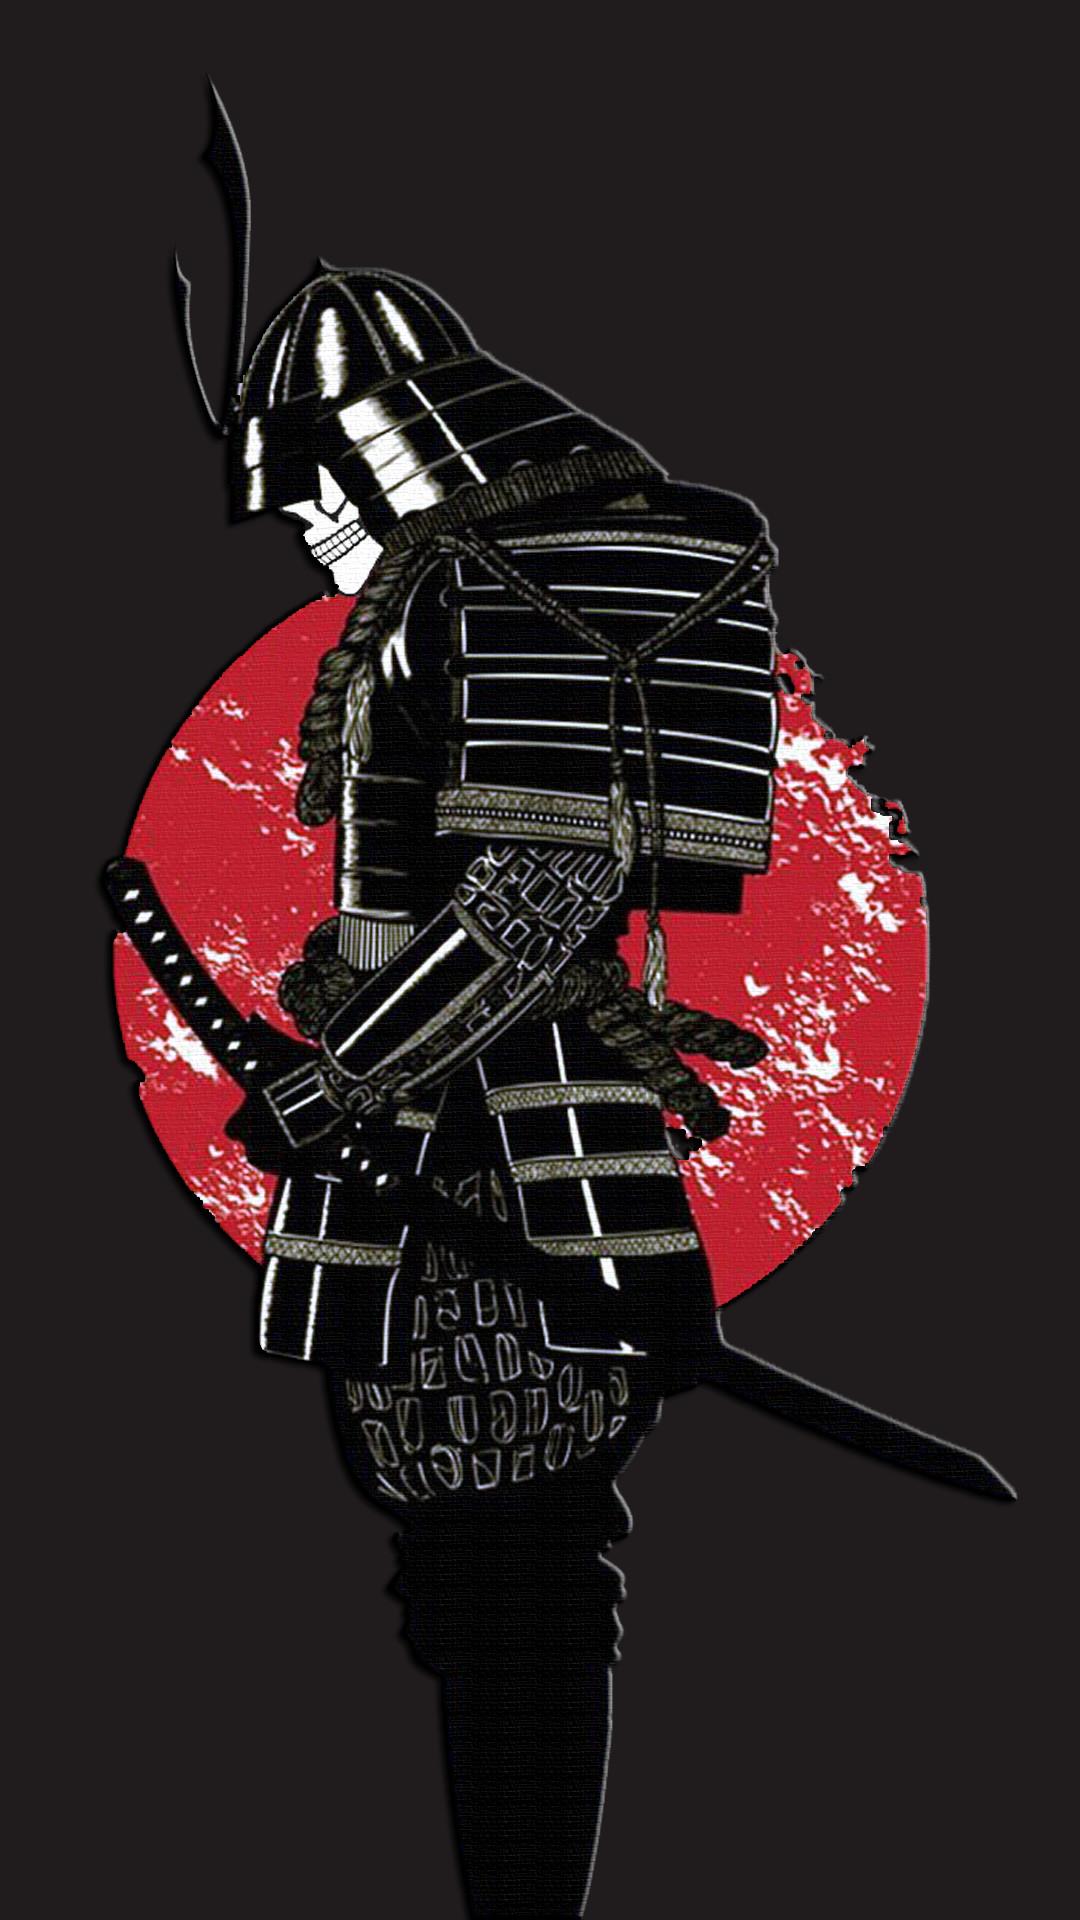 Samurai Wallpaper Phone by DarkPrayer93 on DeviantArt